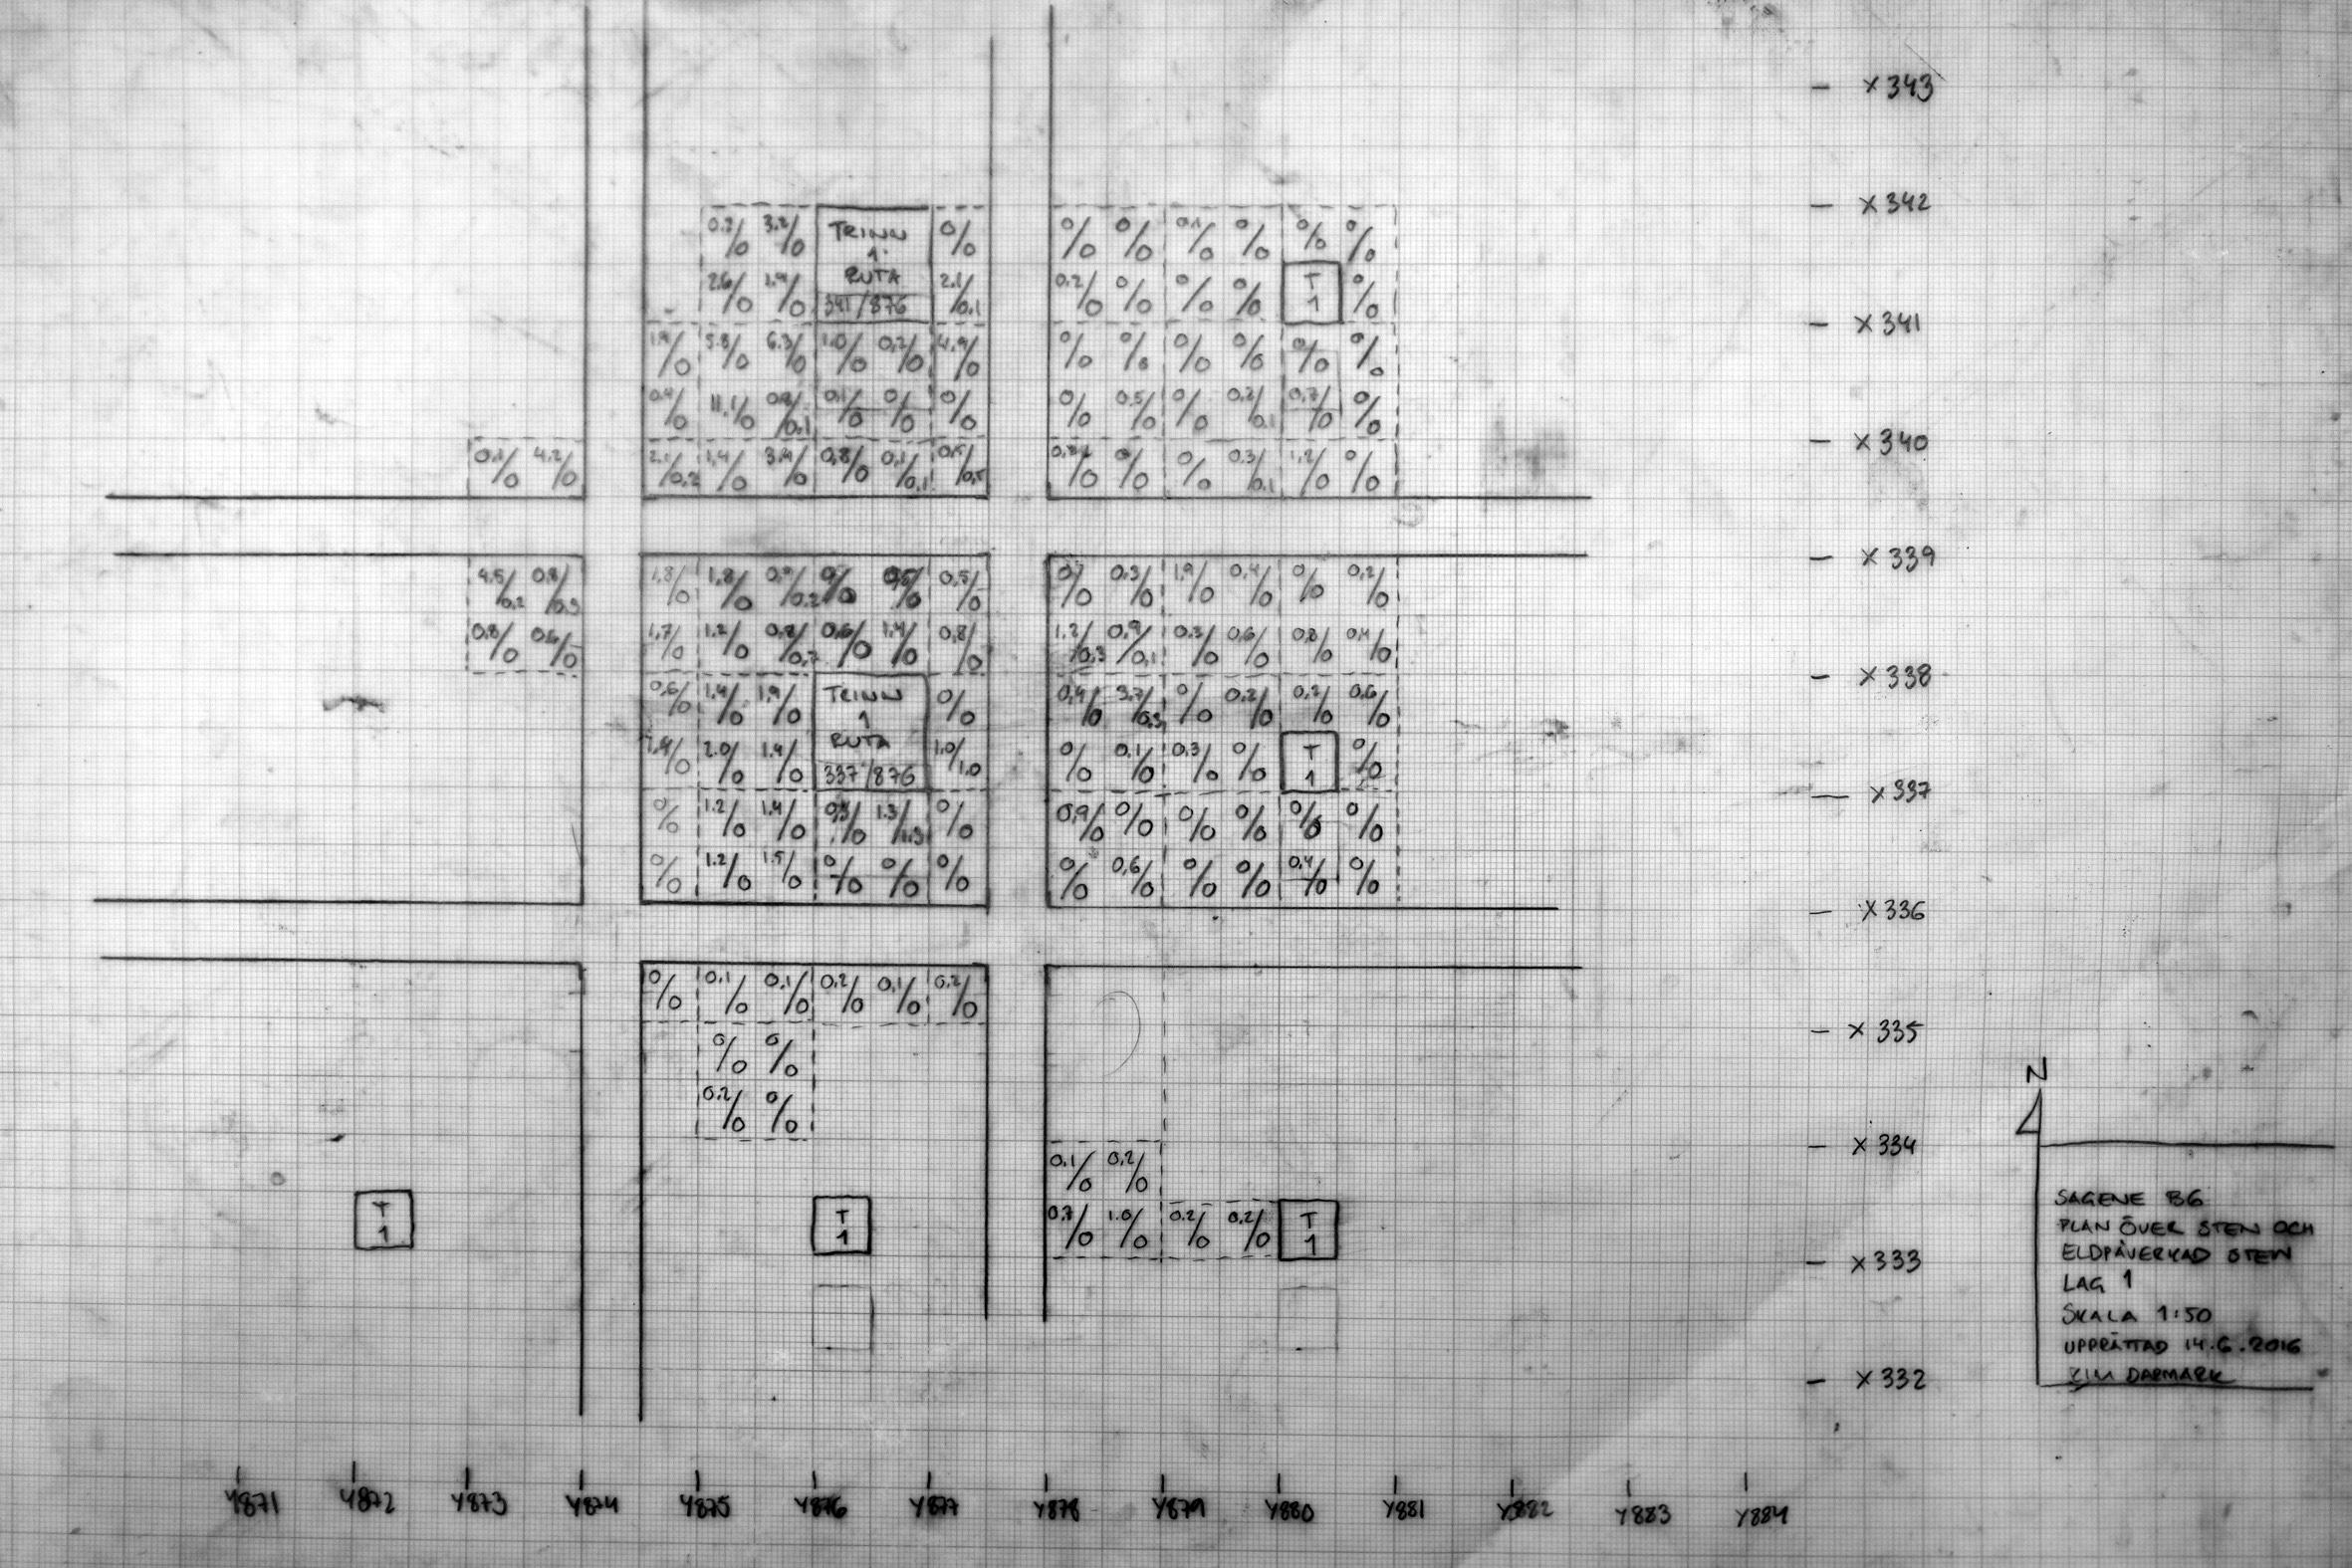 B6 felttegning av arkeolog E18 prosjektet.jpg